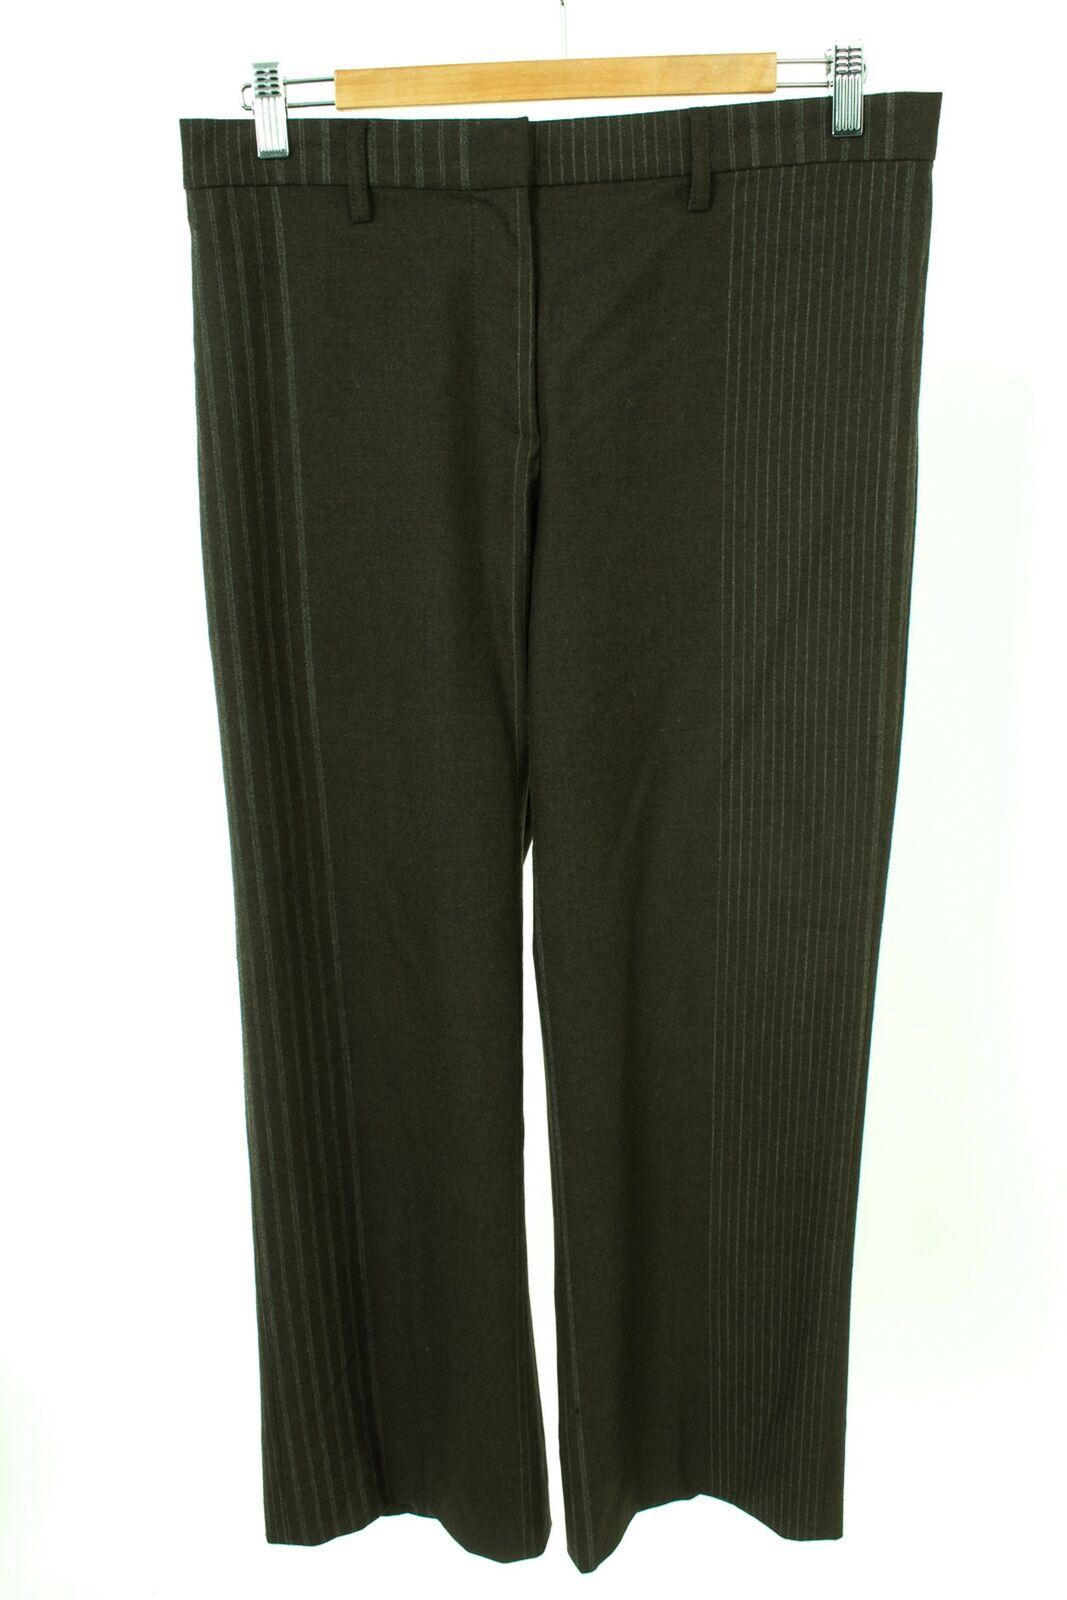 GUNEX Hose Trousers Pants Wolle Damen Gr. DE 40 in Braun